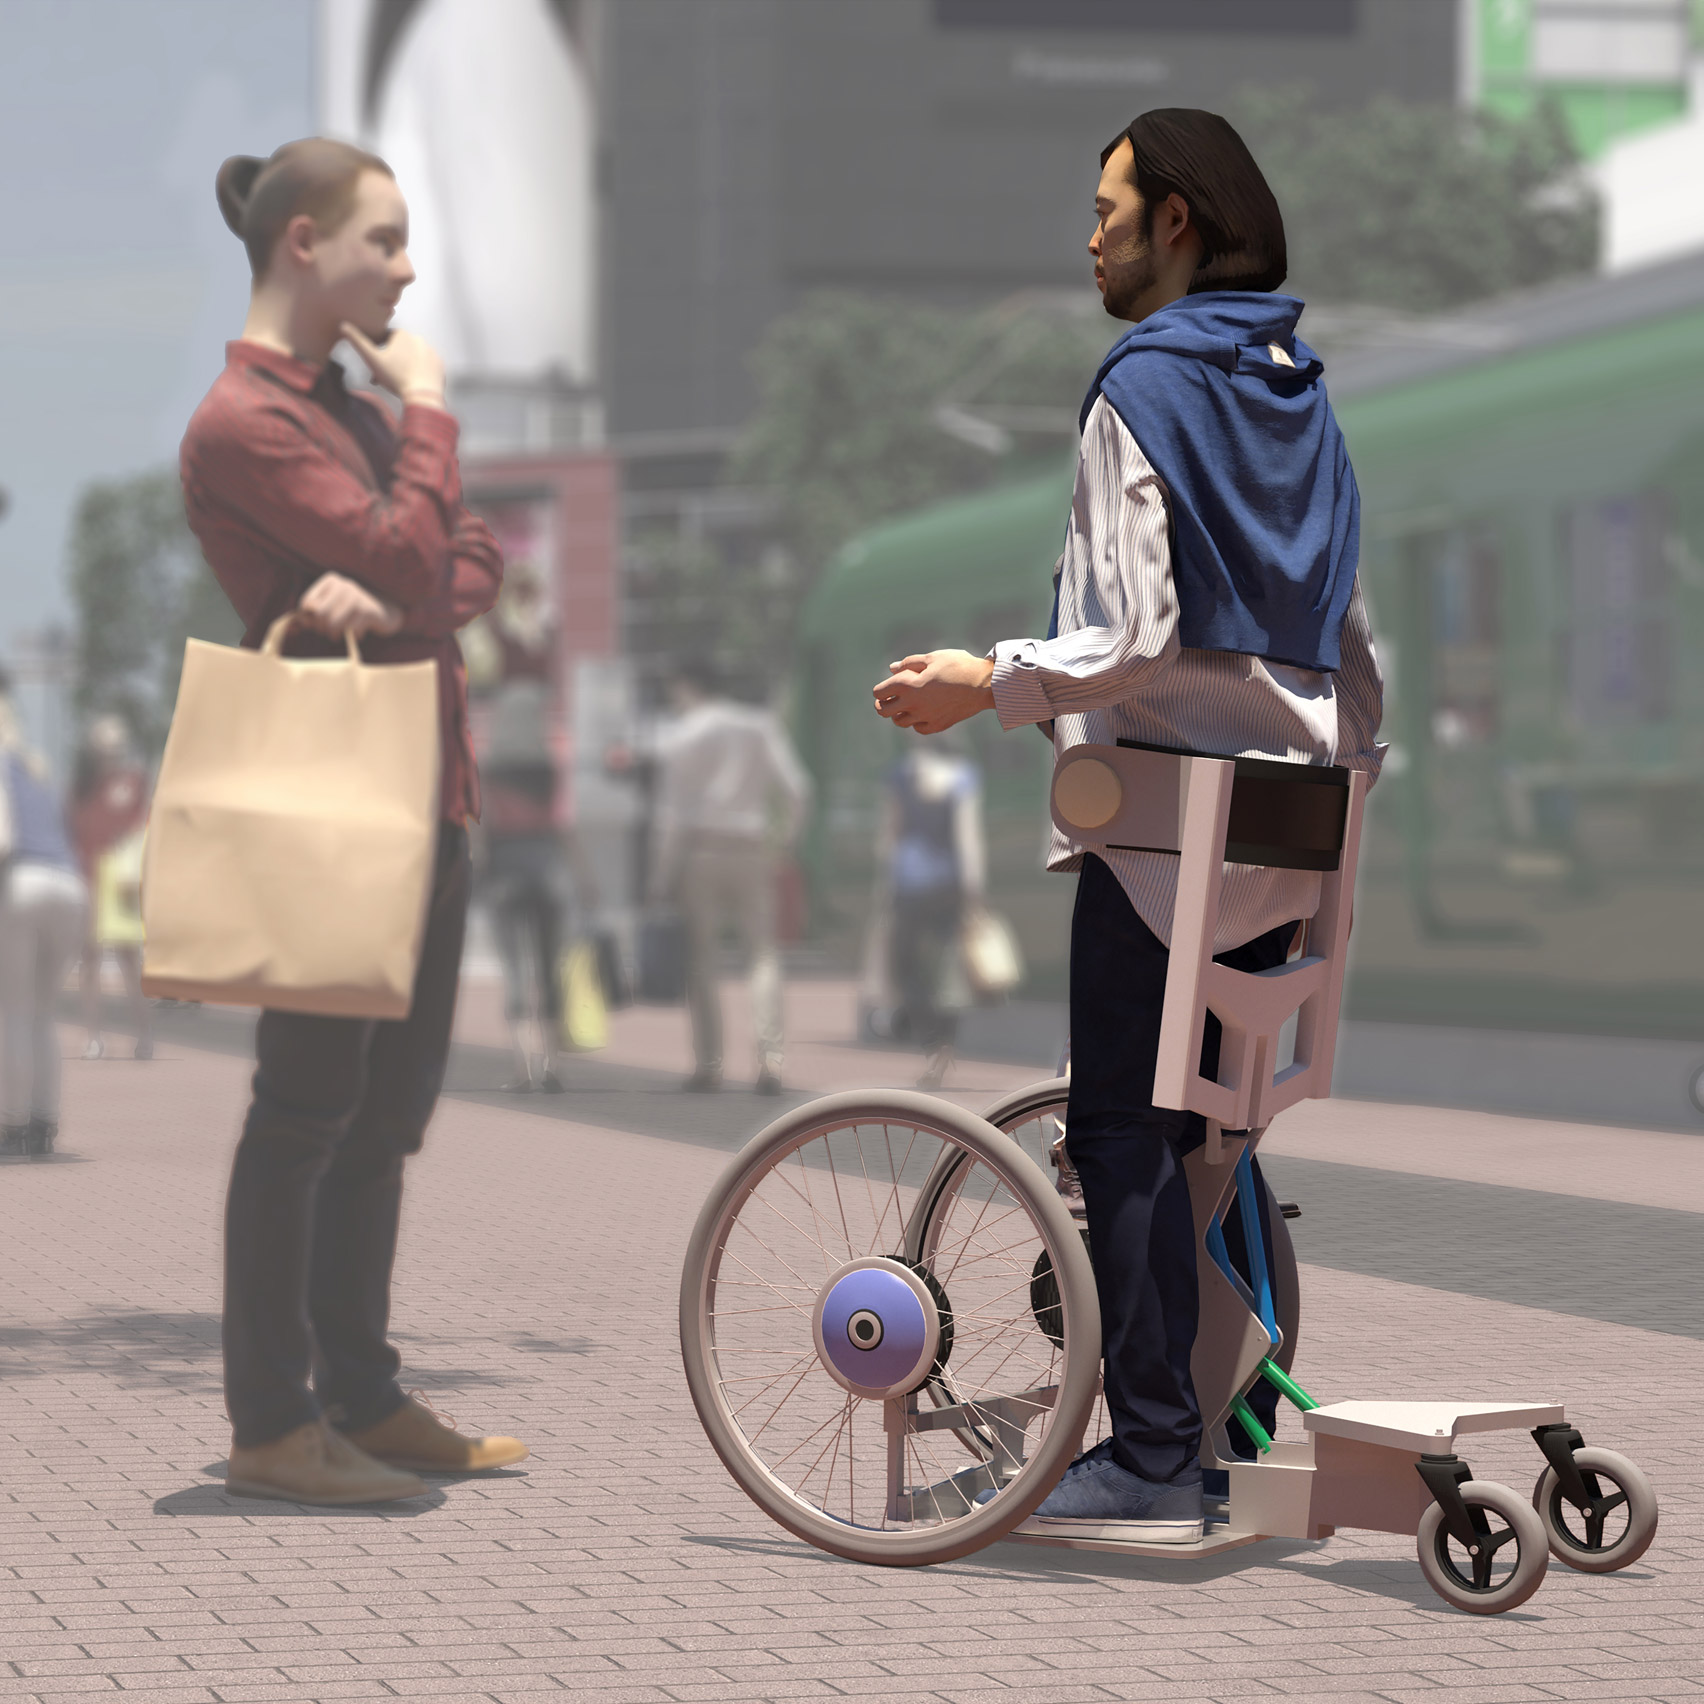 장애인을 위한 최첨단 모빌리티 기기 제안